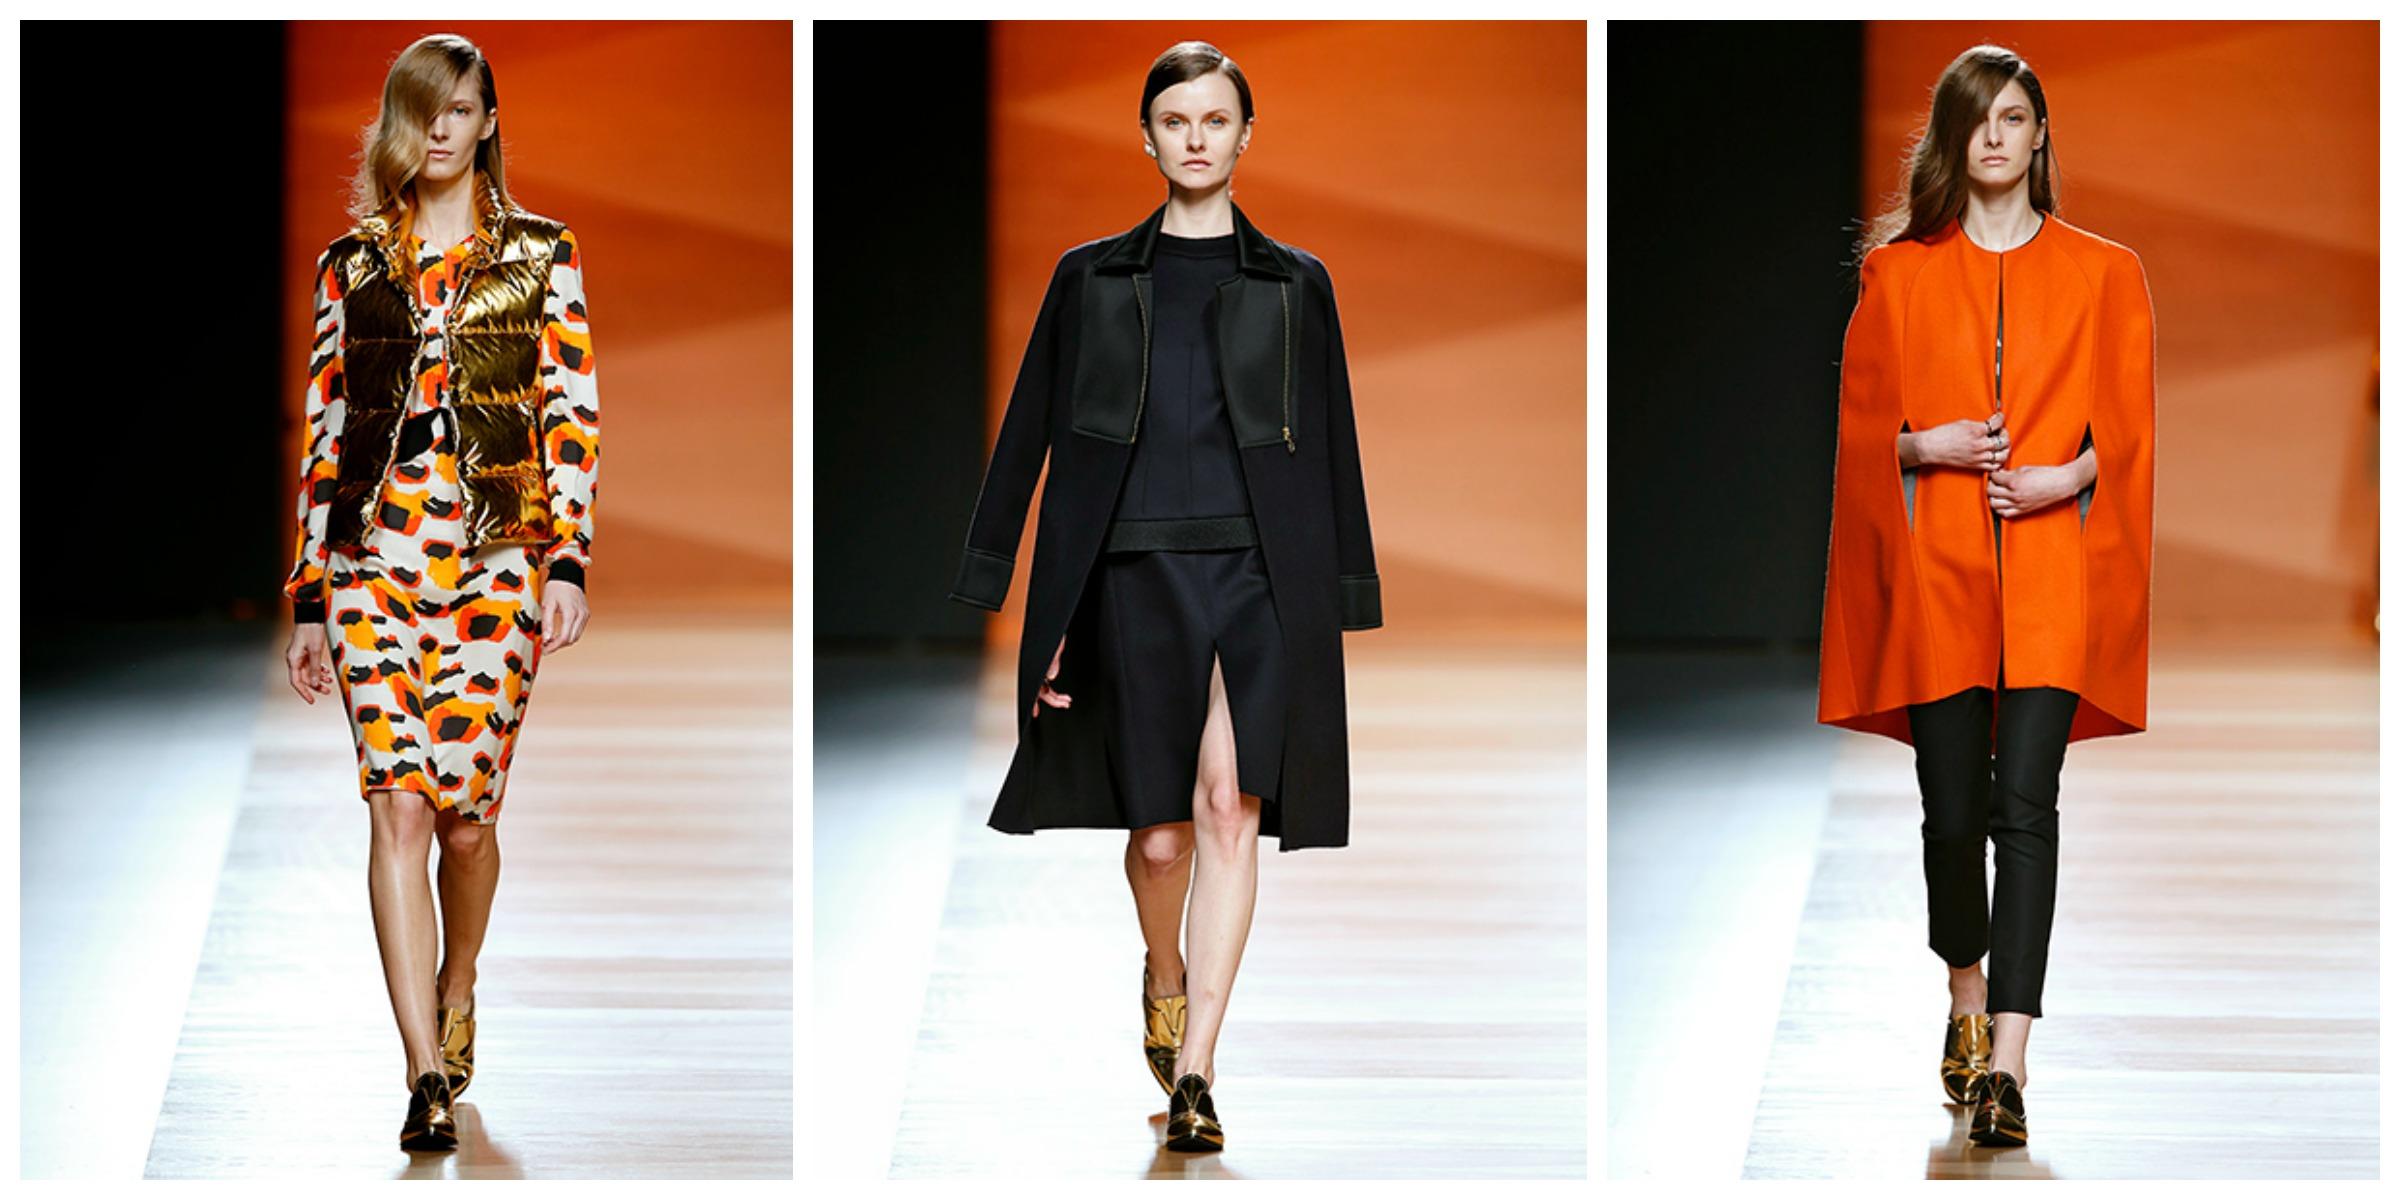 vith consultoria de moda antonio pozuelo diseñador español juanjo oliva mercedes benz fashion week acreditaciones tendencias invierno 2014 2015 style outfit elogy el corte ingles (6)